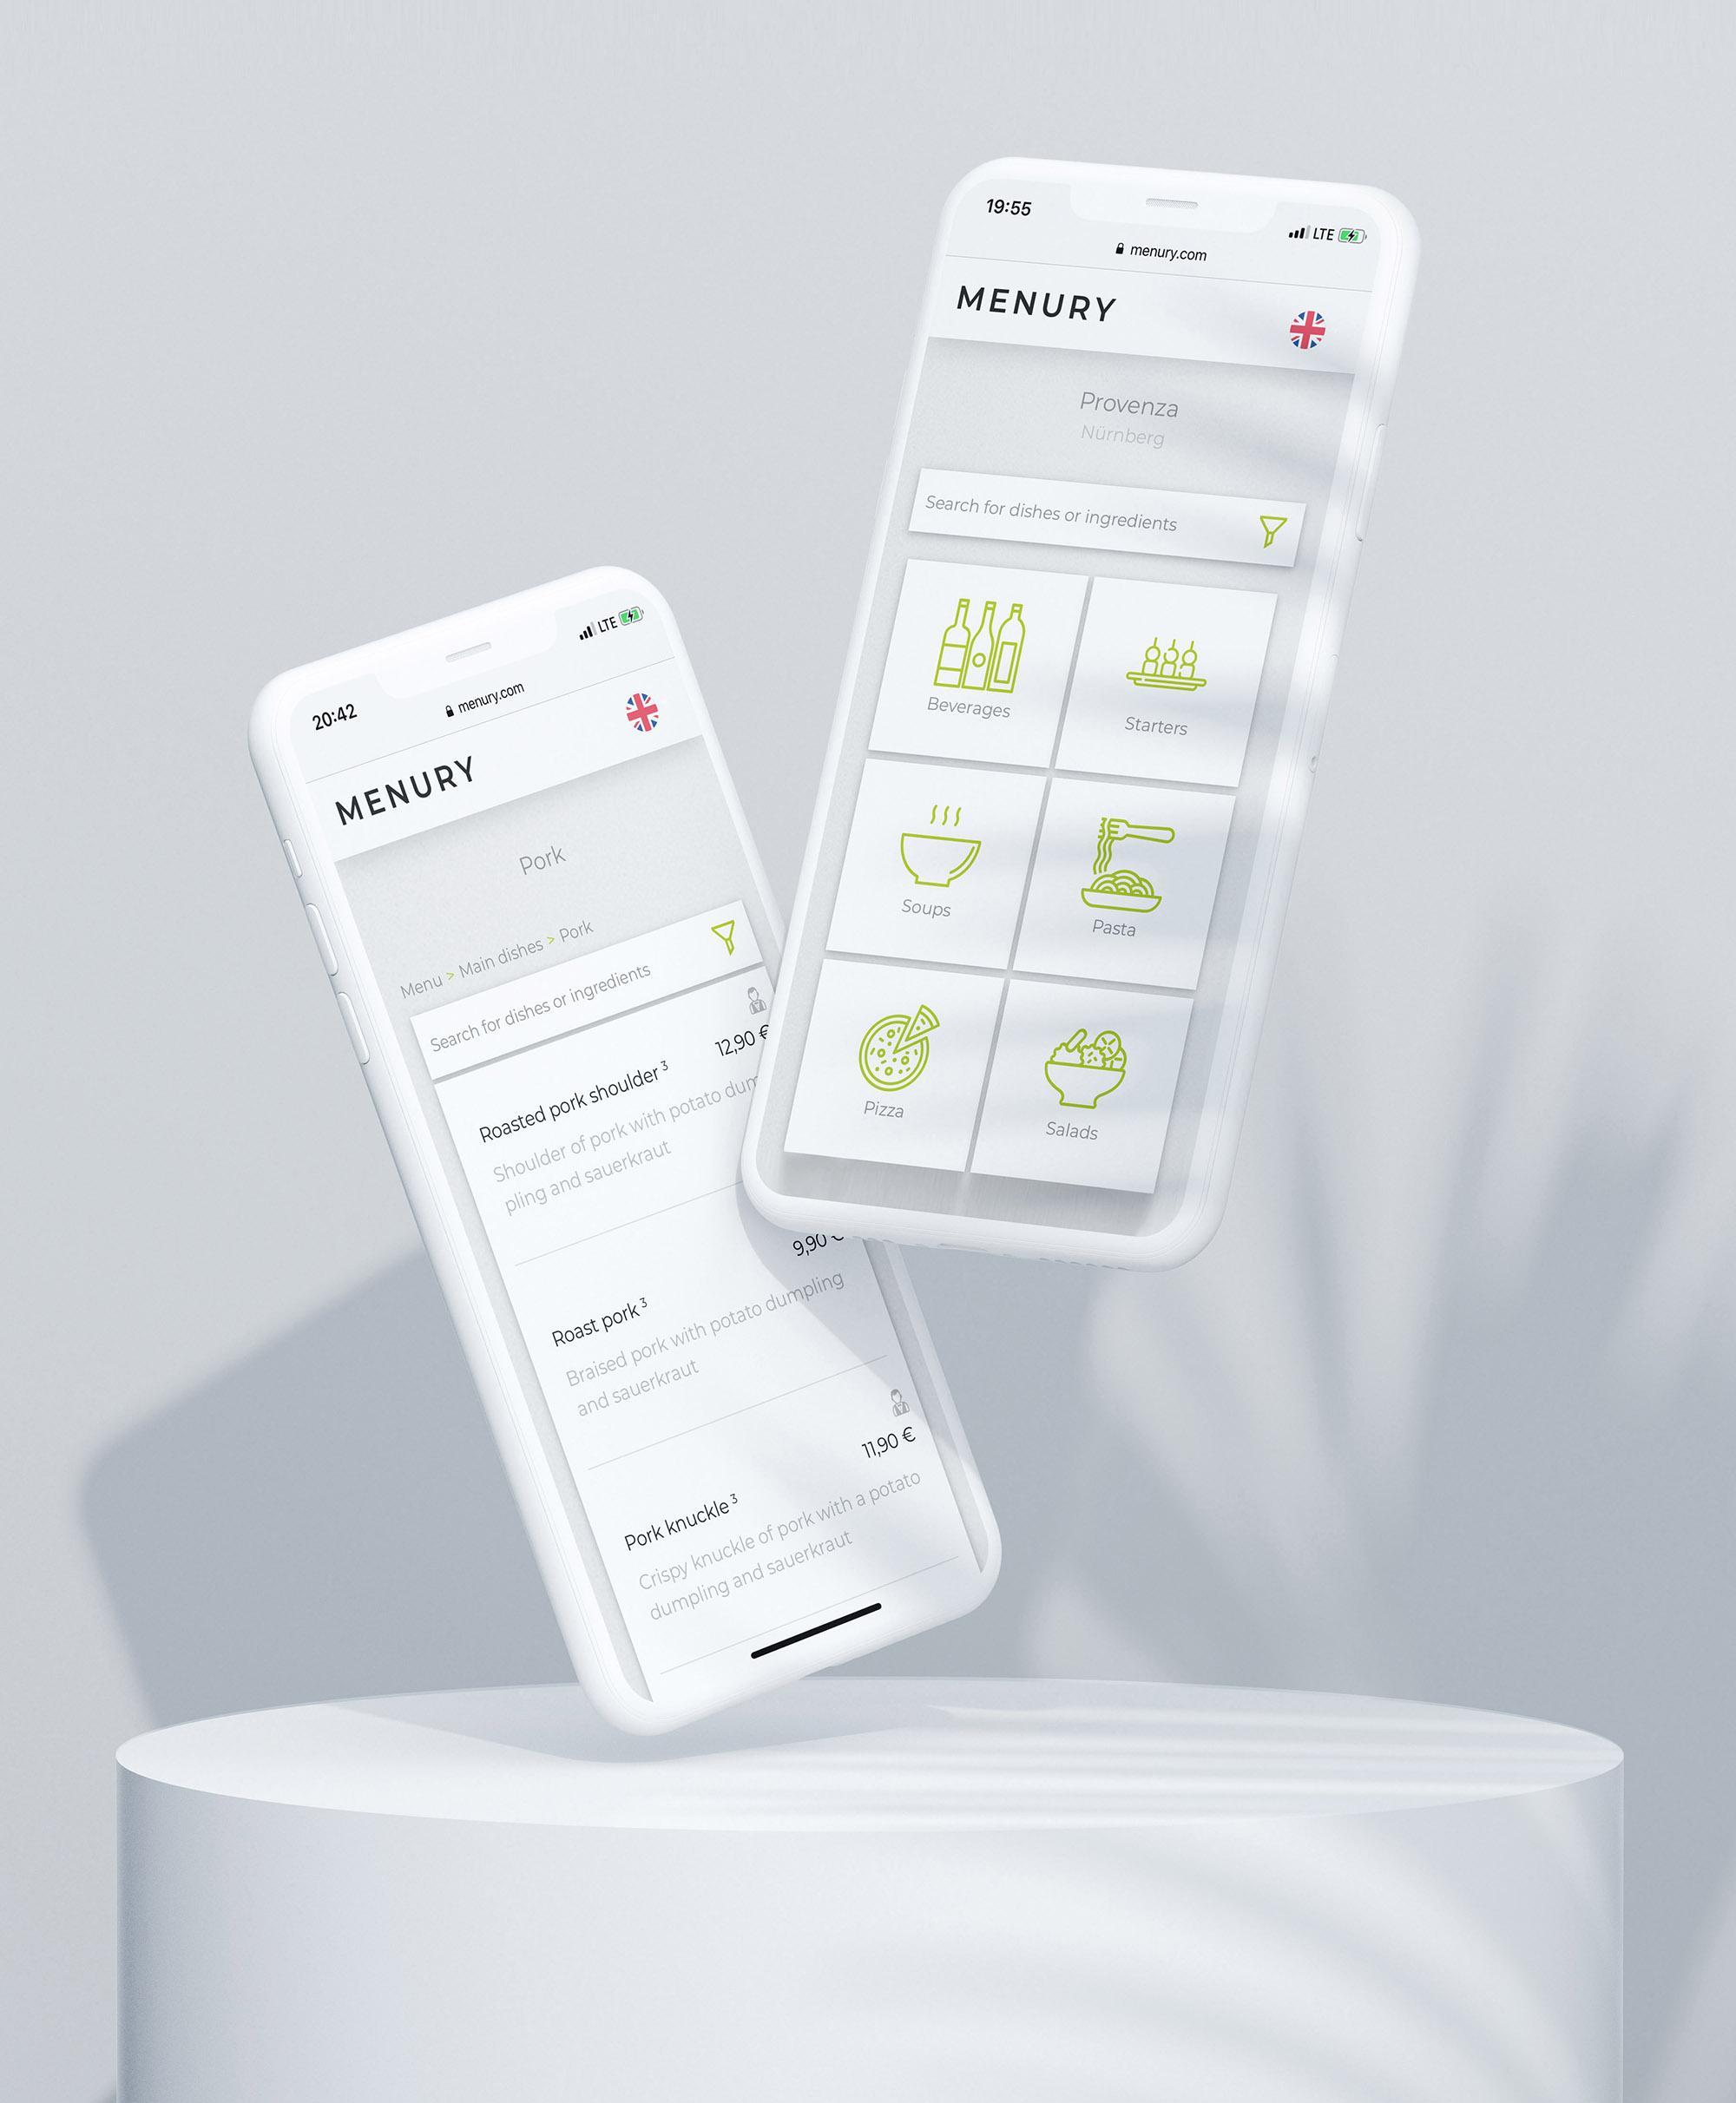 Die digitale kontaktlose speisekarte